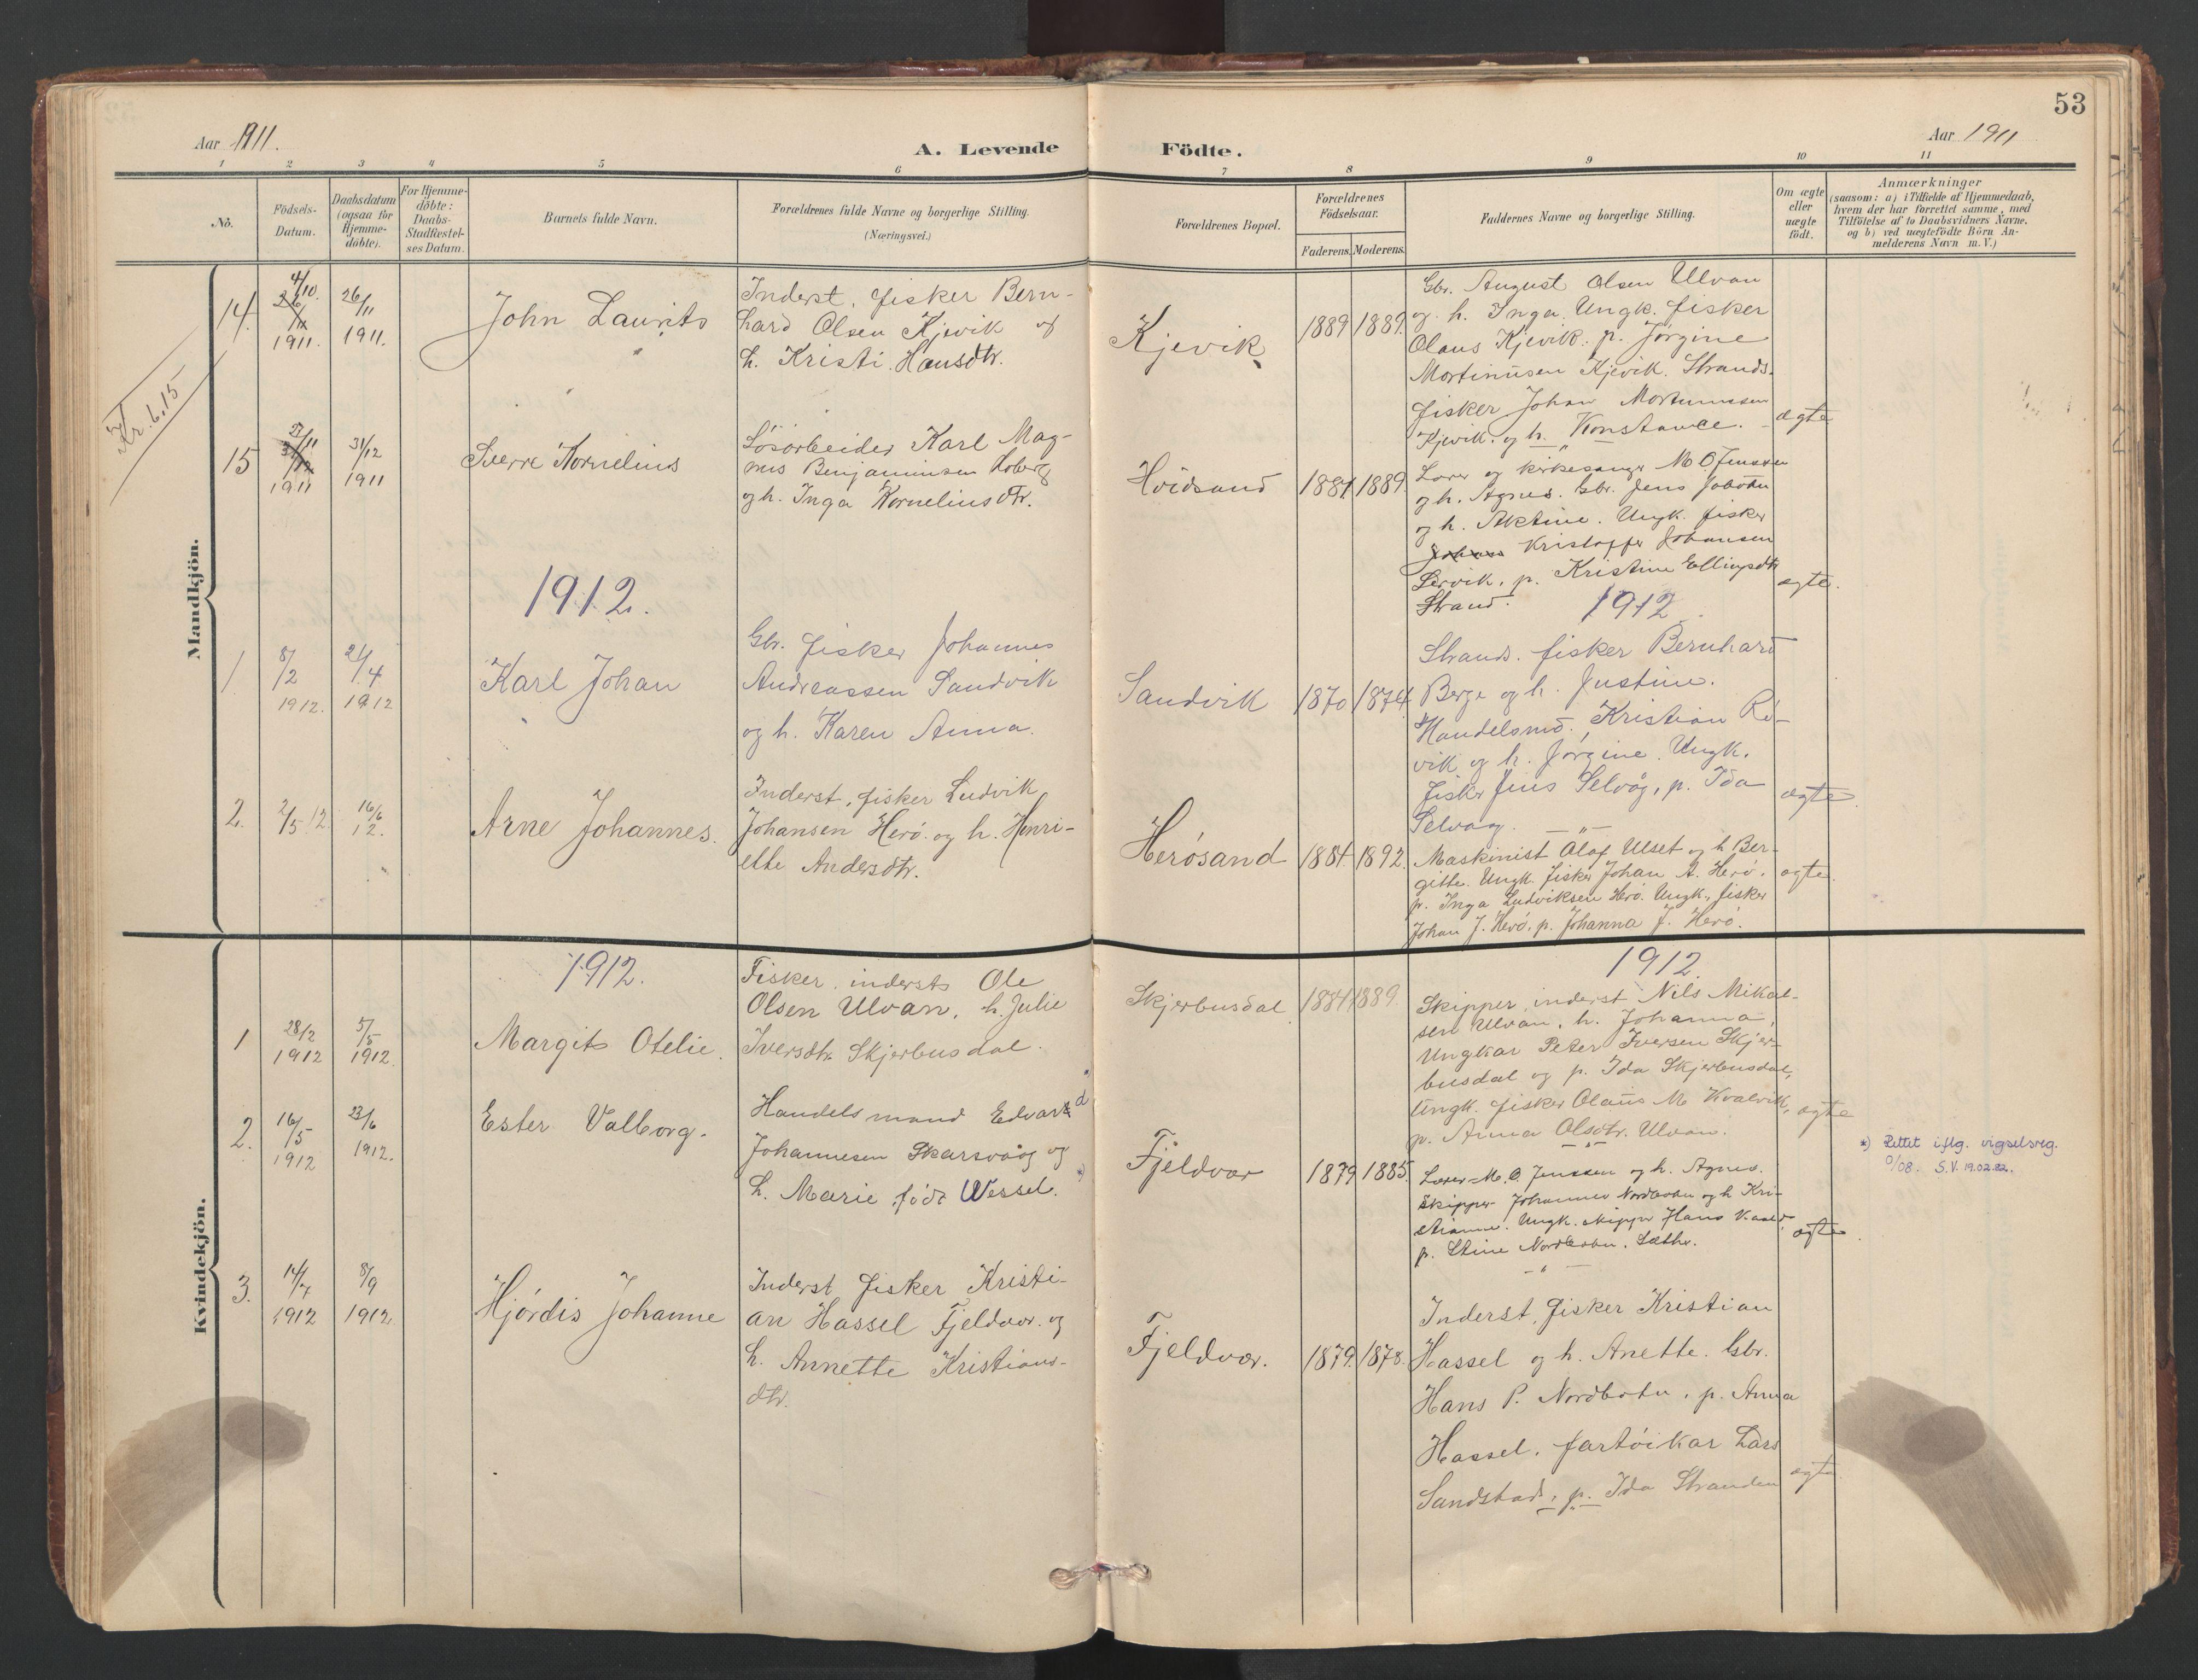 SAT, Ministerialprotokoller, klokkerbøker og fødselsregistre - Sør-Trøndelag, 638/L0571: Klokkerbok nr. 638C03, 1901-1930, s. 53